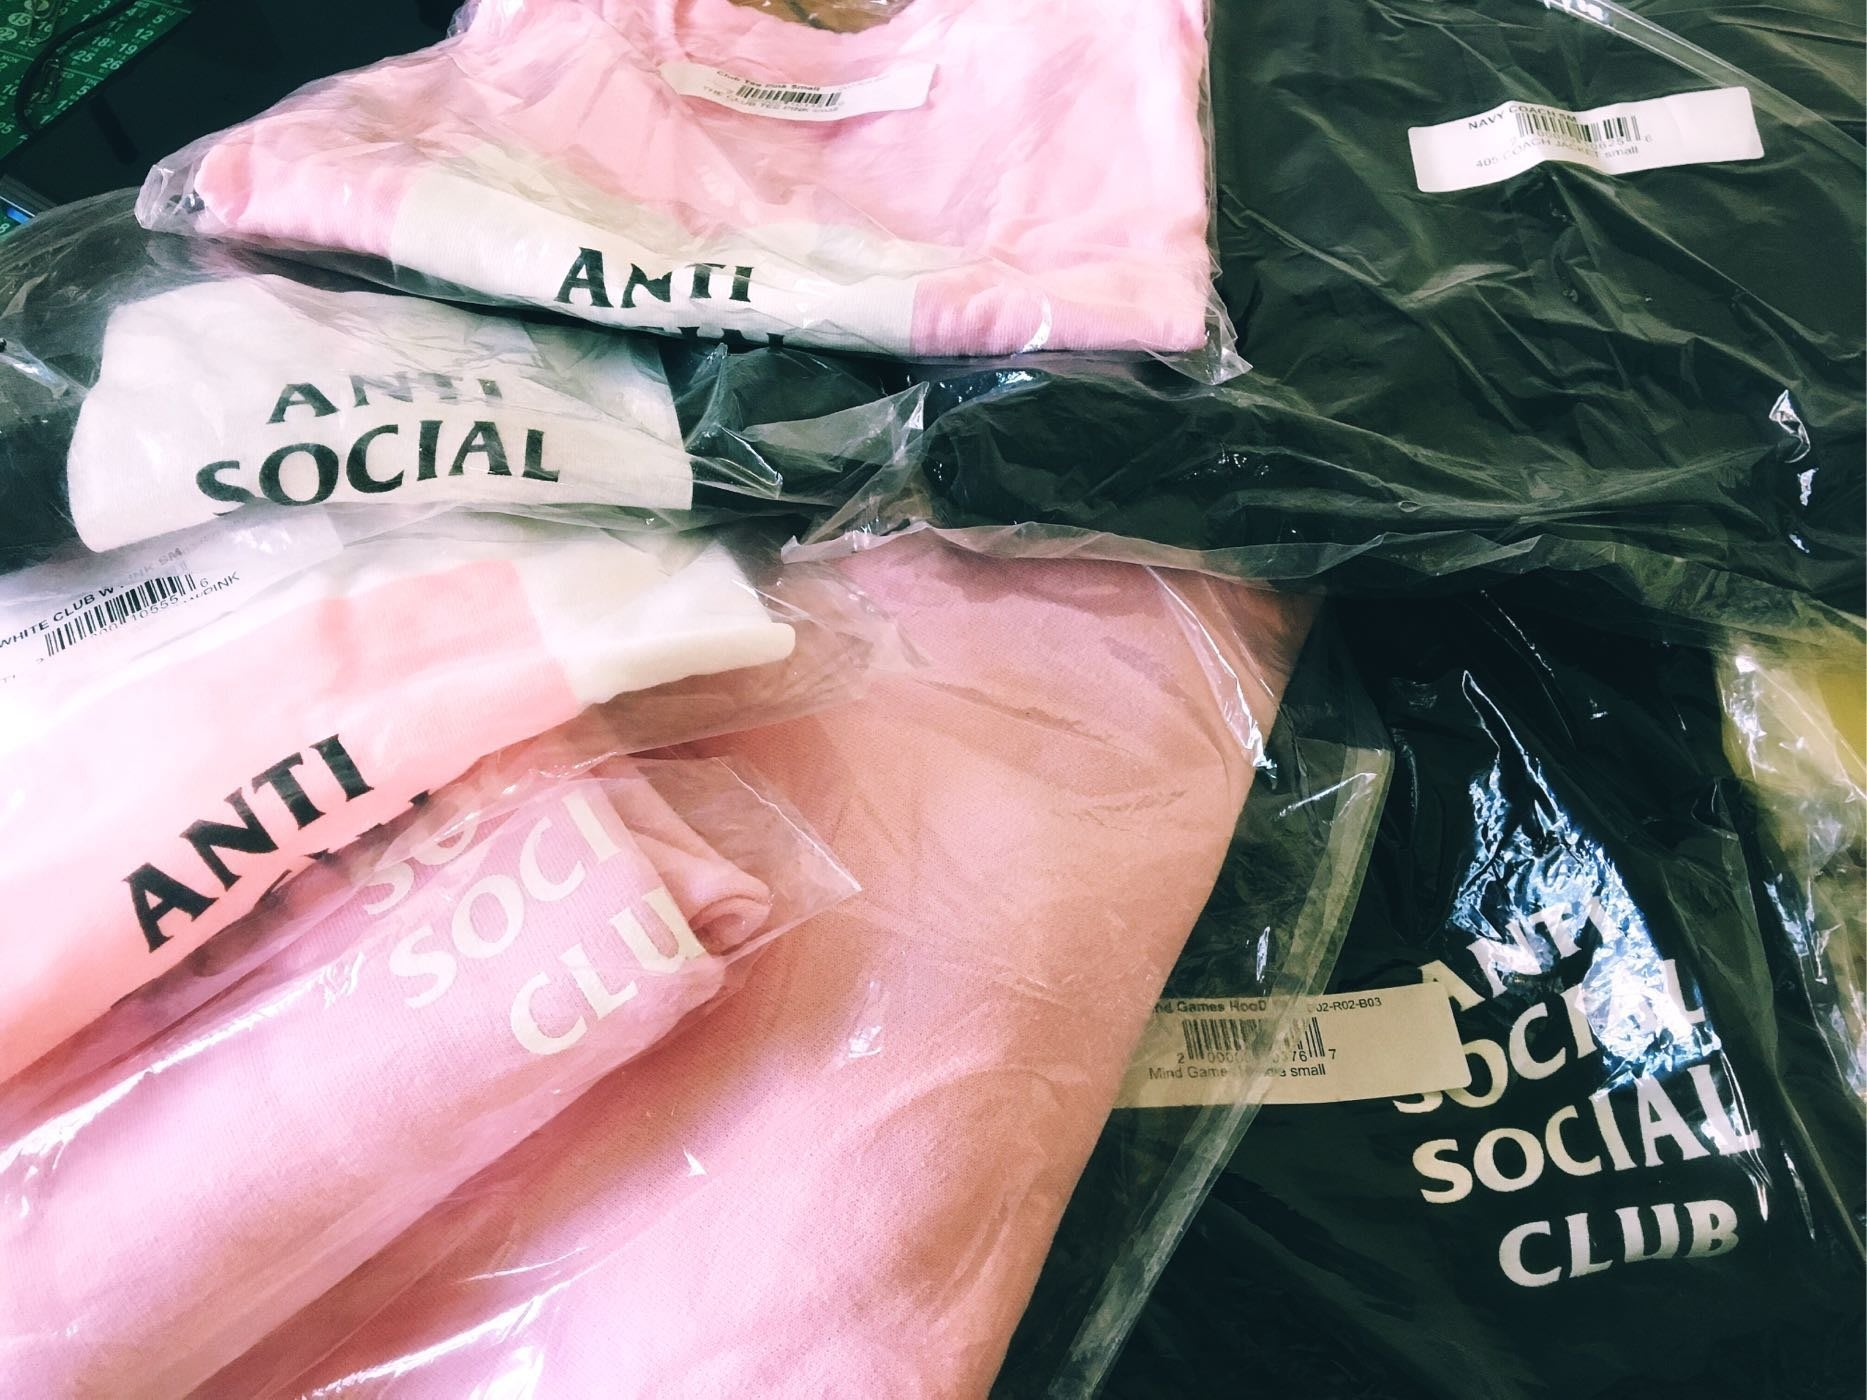 美國官網購Anti social social club assc 2017 ss logo t 帽t 教練外套 cap(請看內文)